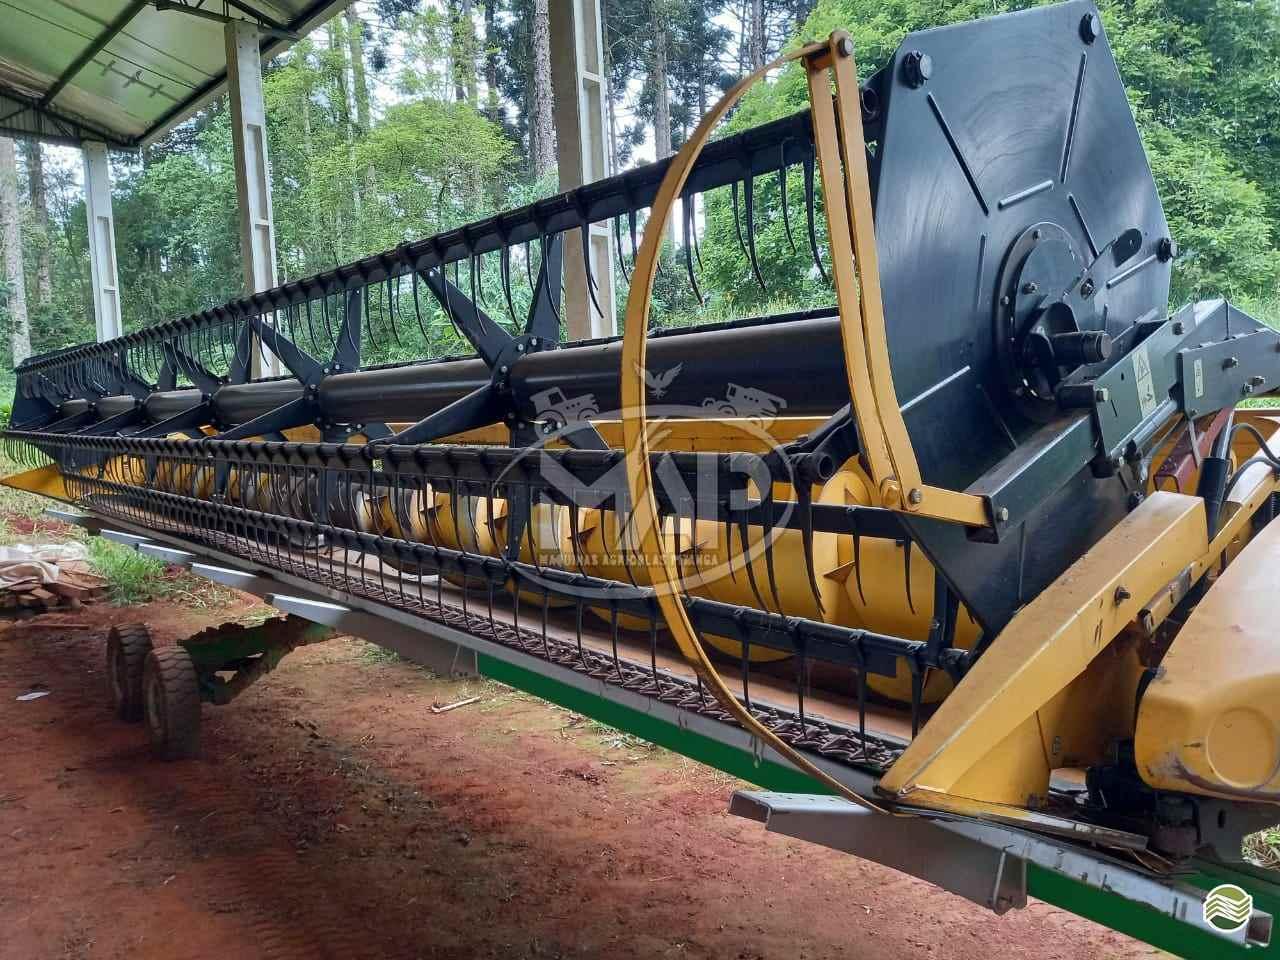 PLATAFORMA COLHEITADEIRA NEW HOLLAND SOJA Máquinas Agrícolas Pitanga PITANGA PARANÁ PR